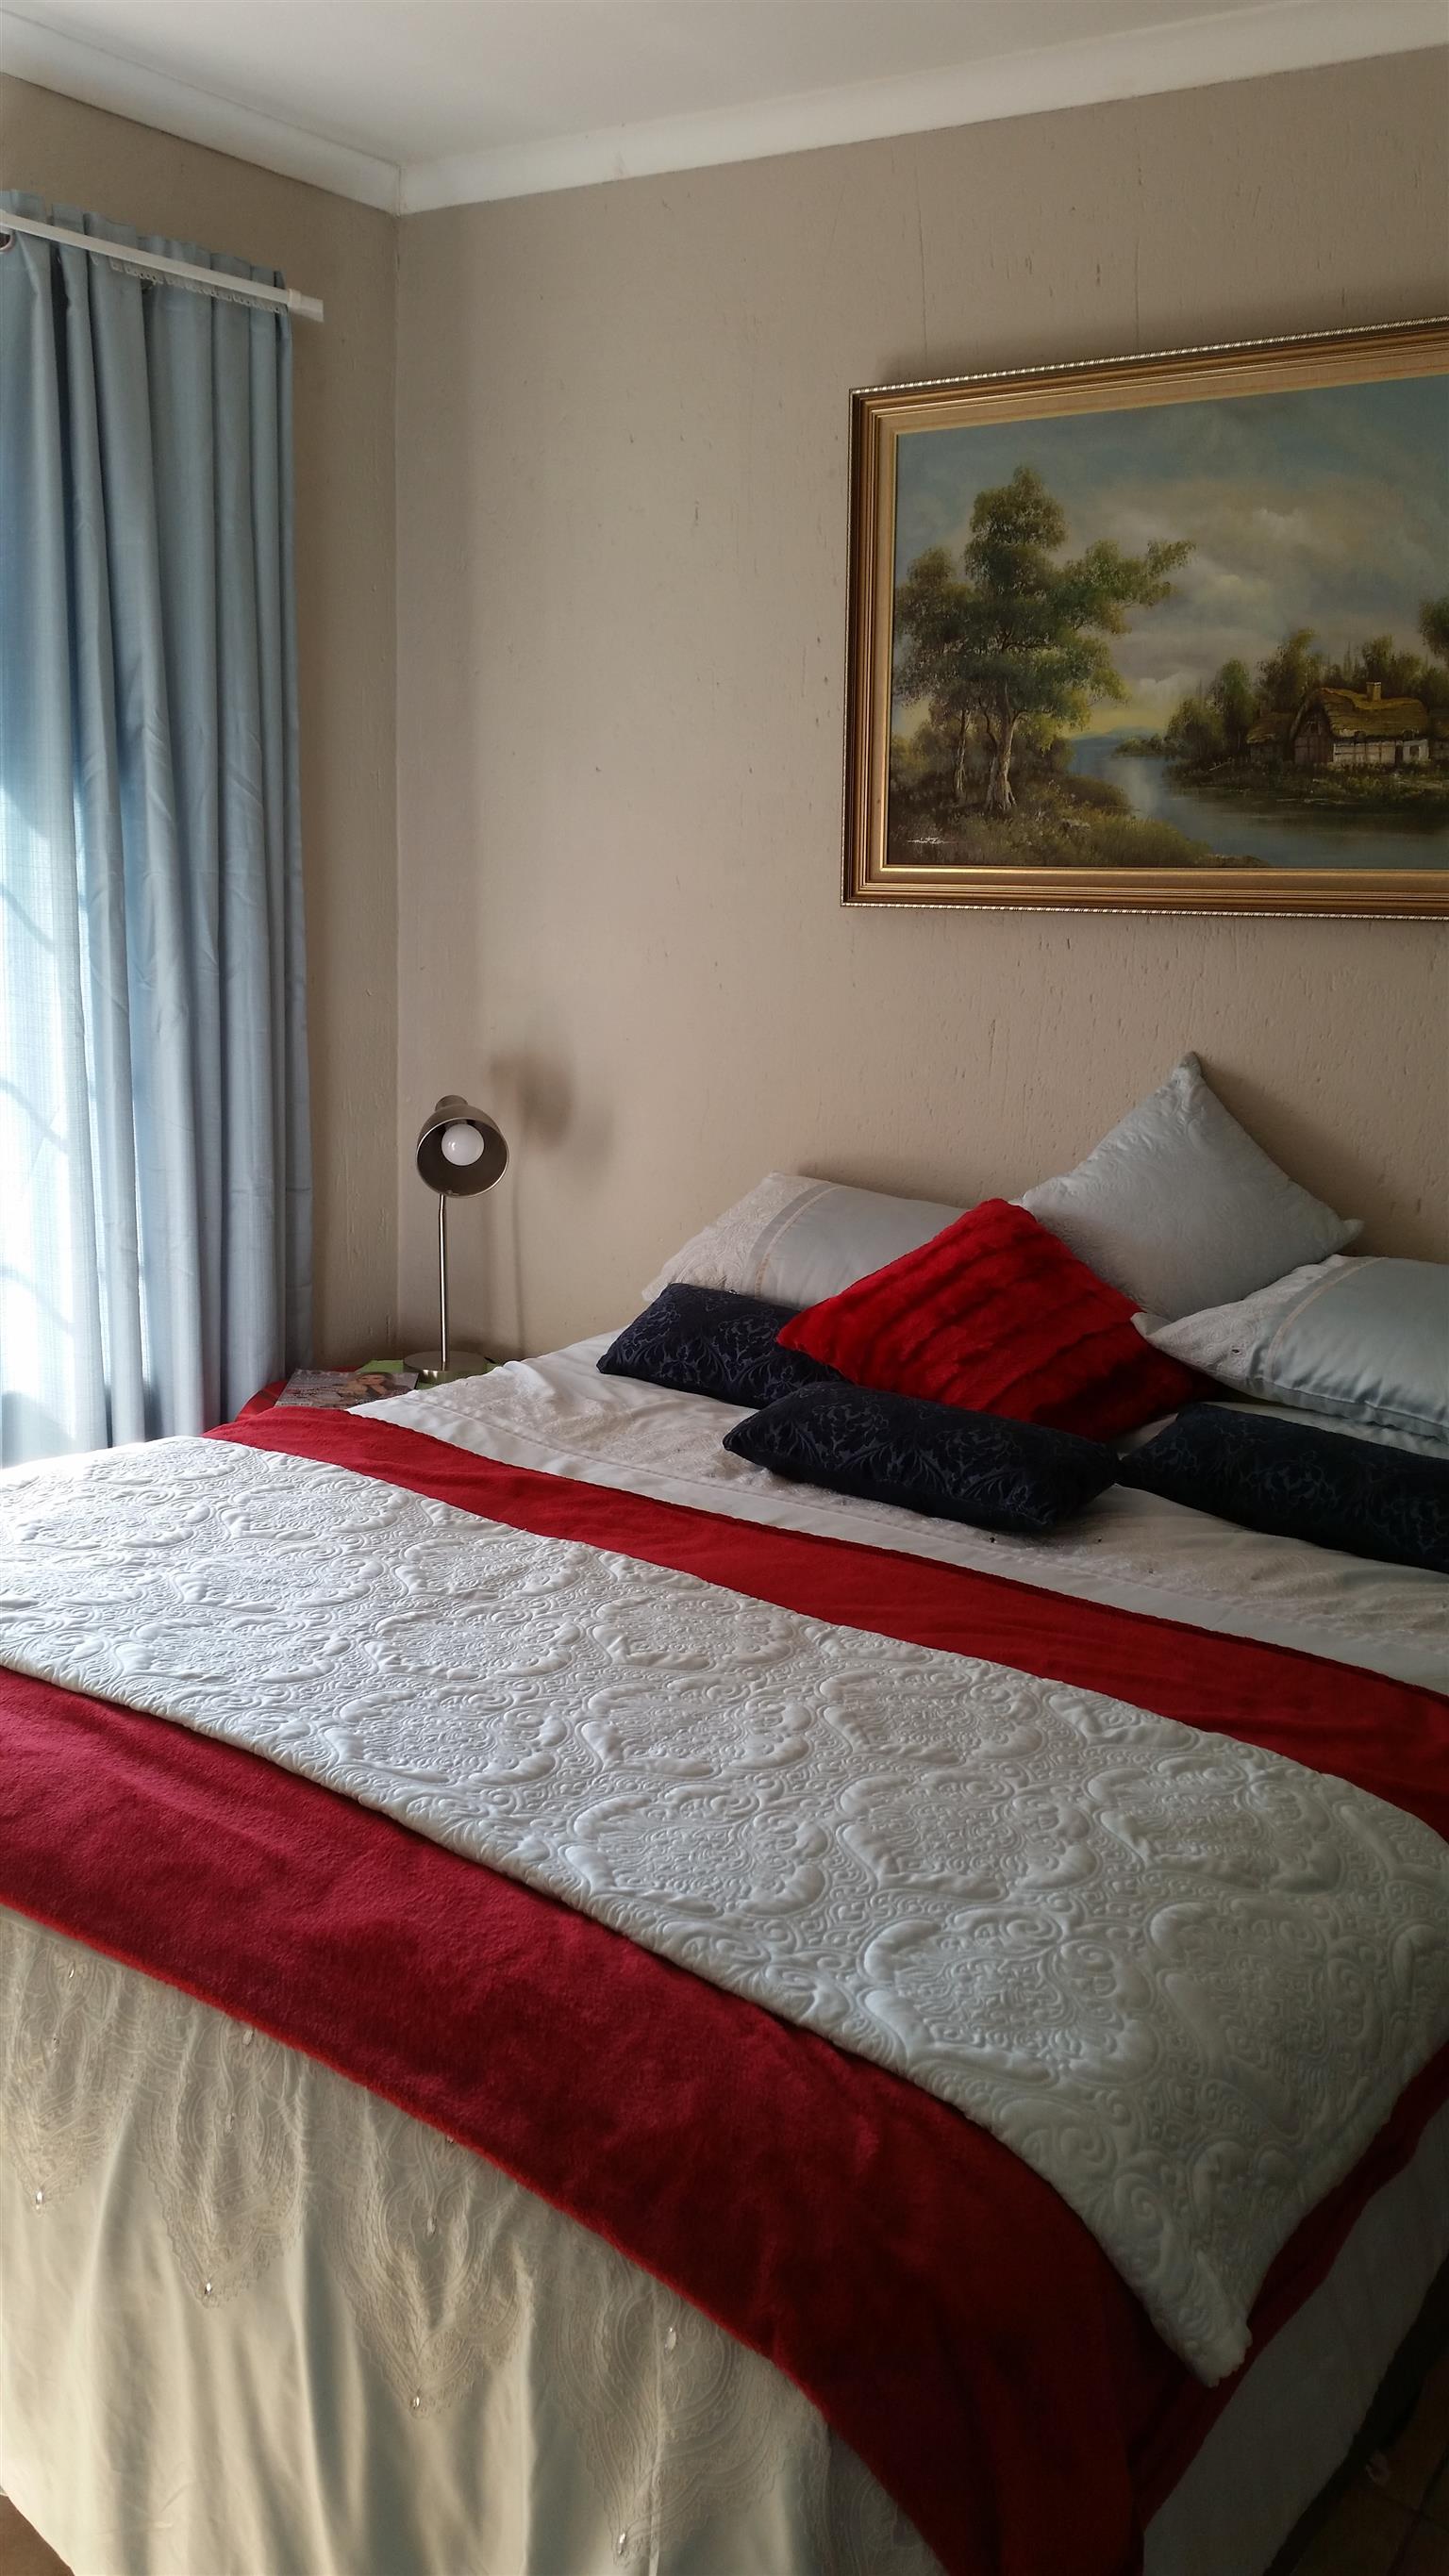 Bedroom Furniture For Sale Junk Mail